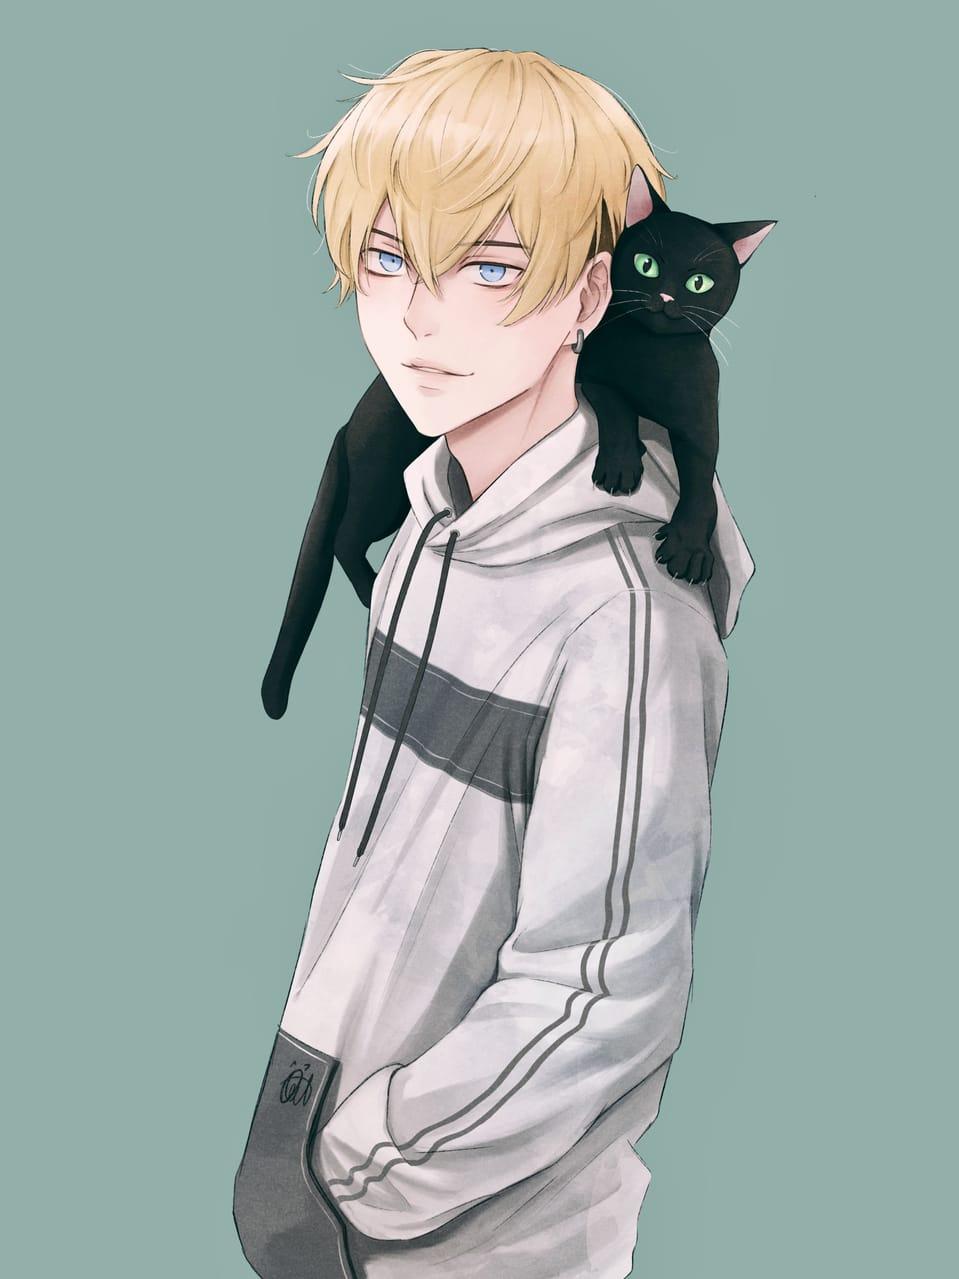 千冬 Illust of Ocat_illu August2021_Animal Tokyo_revengers cat 松野千冬 tokyorevengers fanart chifuyu